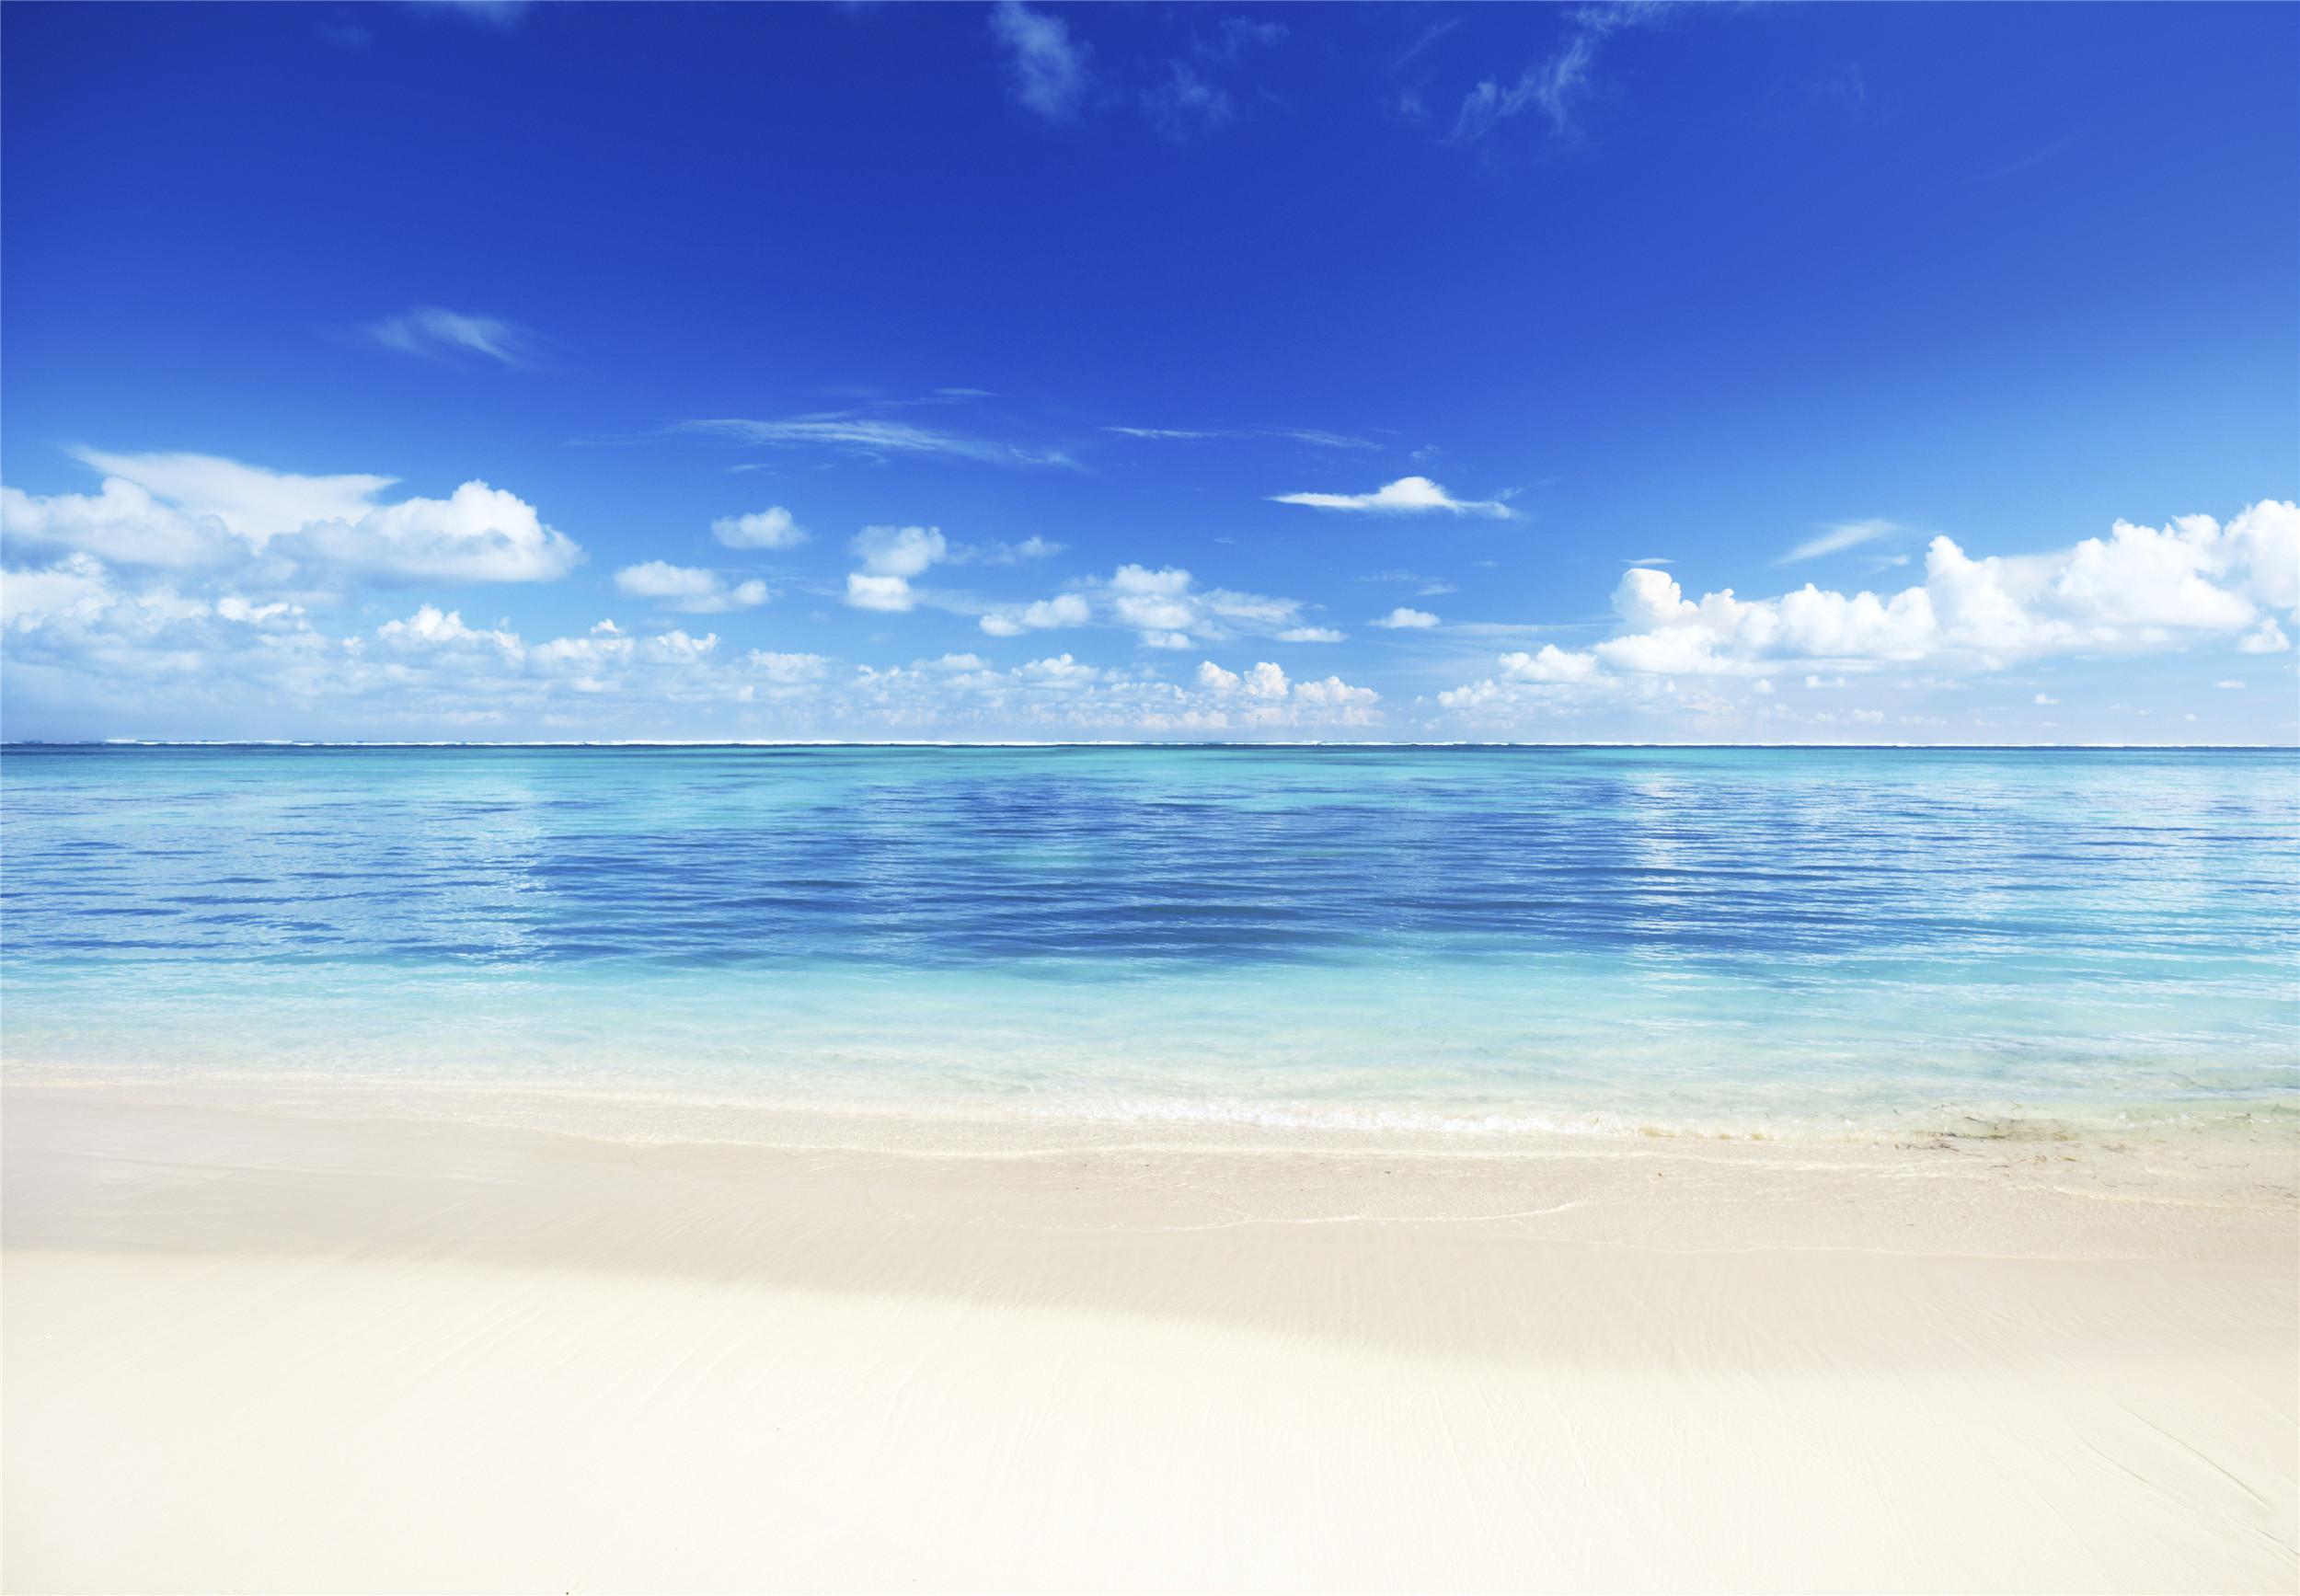 一道亮麗的風景線:藍色的天空,淺色的海水平靜,風景